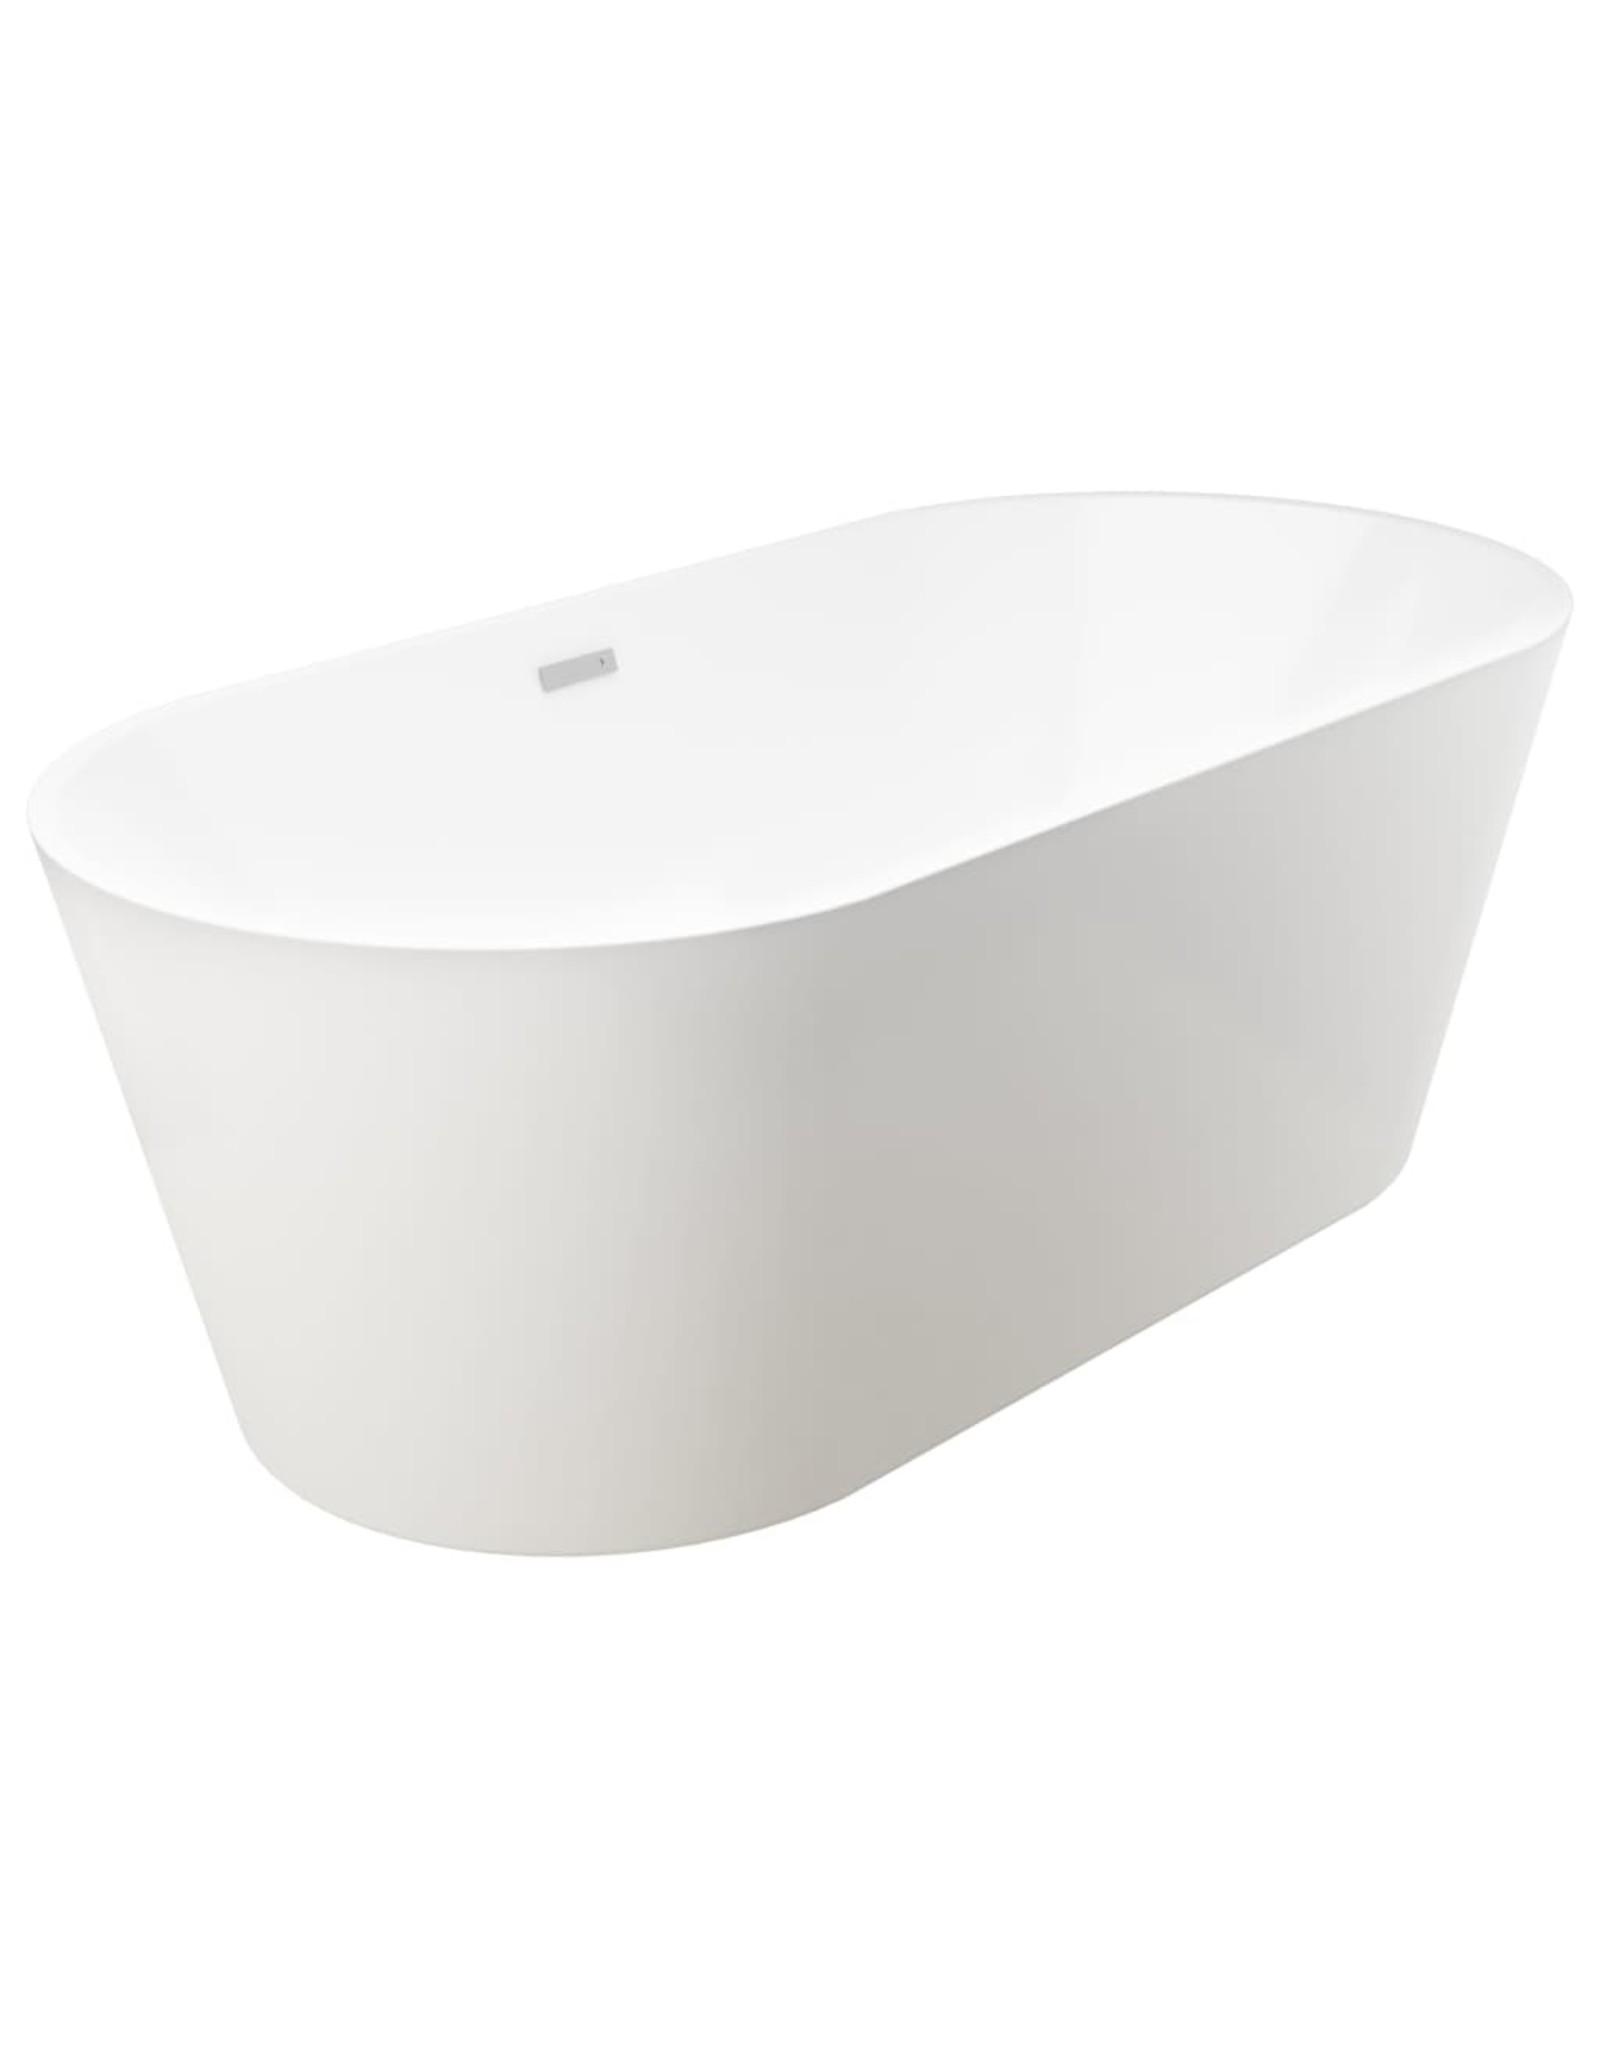 Badkuip vrijstaand met kraan 220 L 99,5 cm zilverkleurig